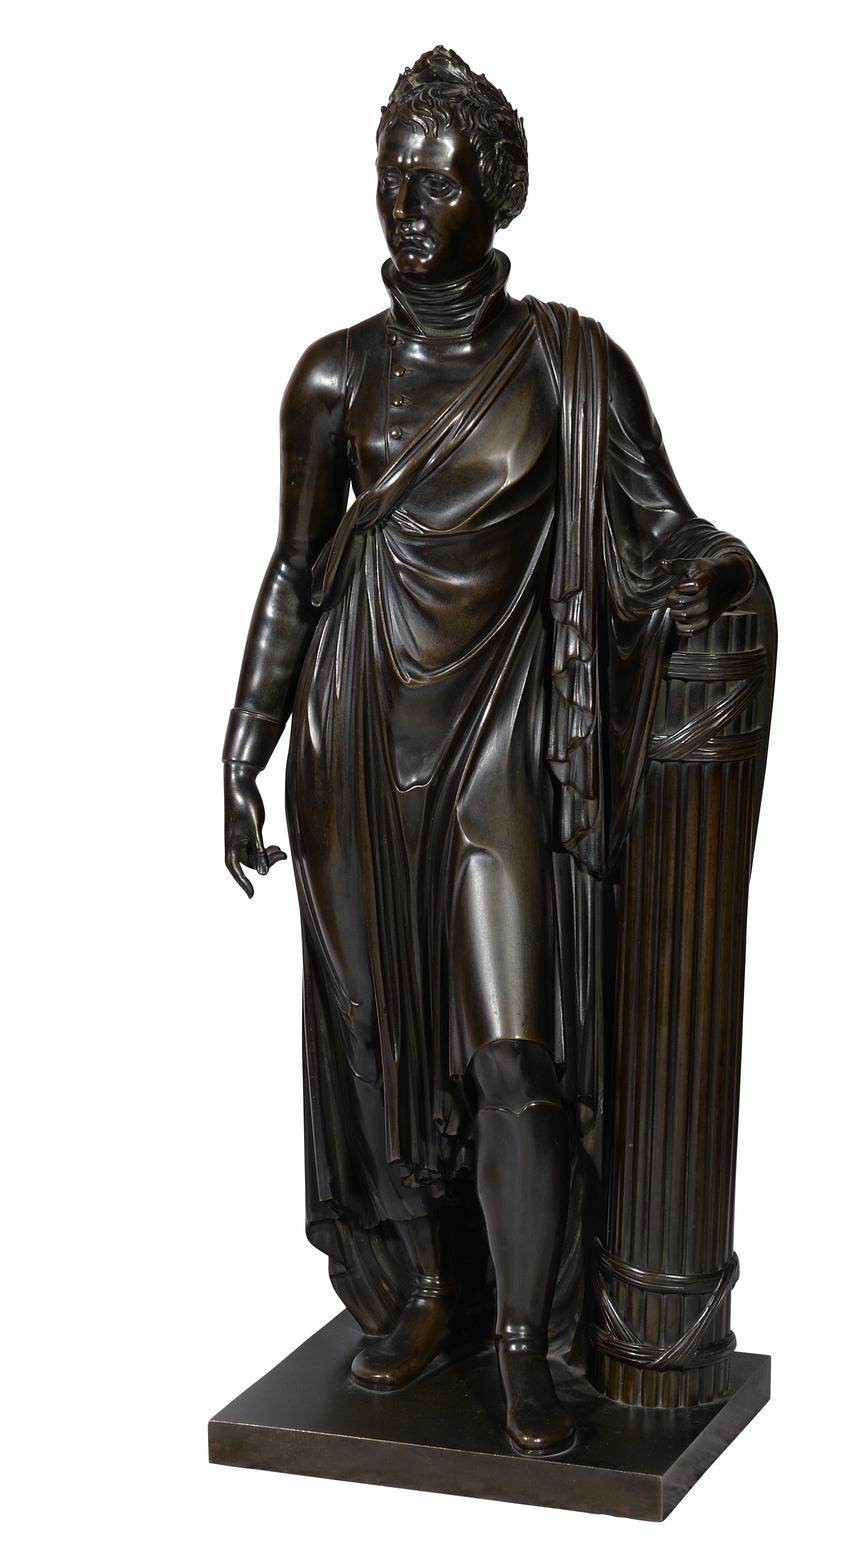 L'empereur Napoléon 1er bronze École française - Patrimoine Charles-André COLONNA WALEWSKI